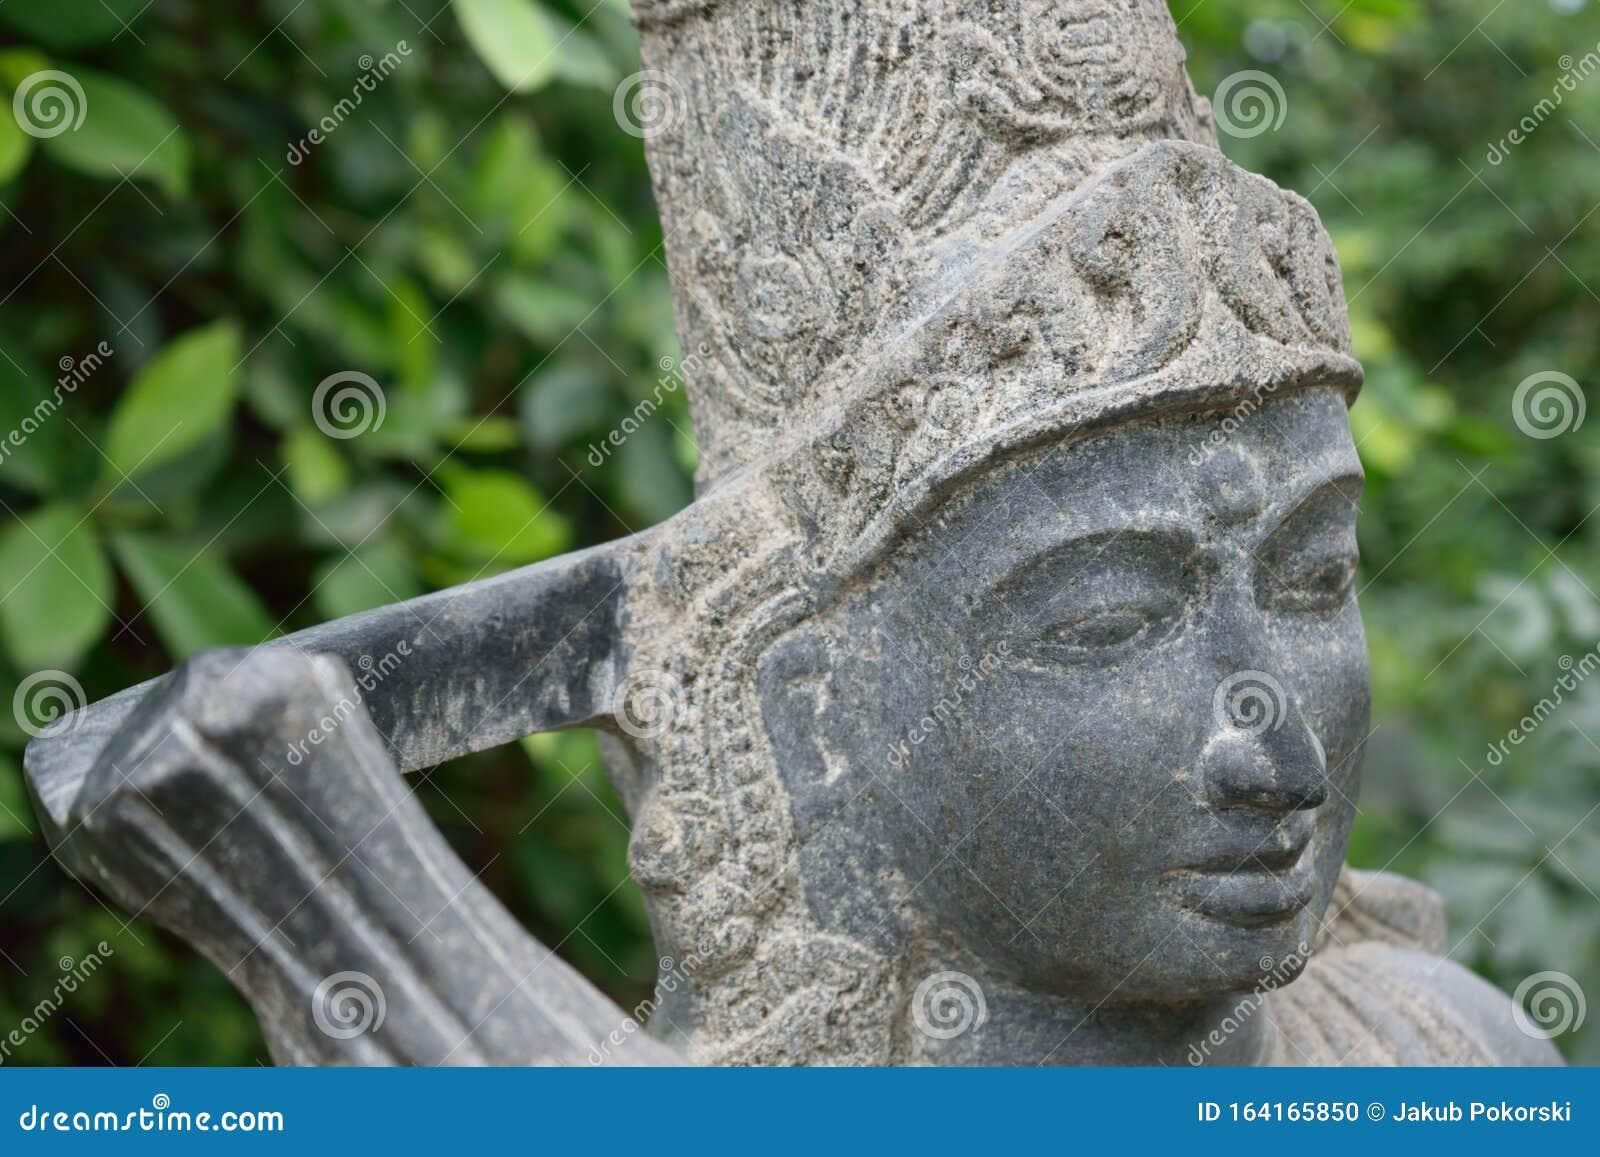 Escultura India De Diosa De La Fertilidad Foto De Archivo Imagen De Escultura Fertilidad 164165850